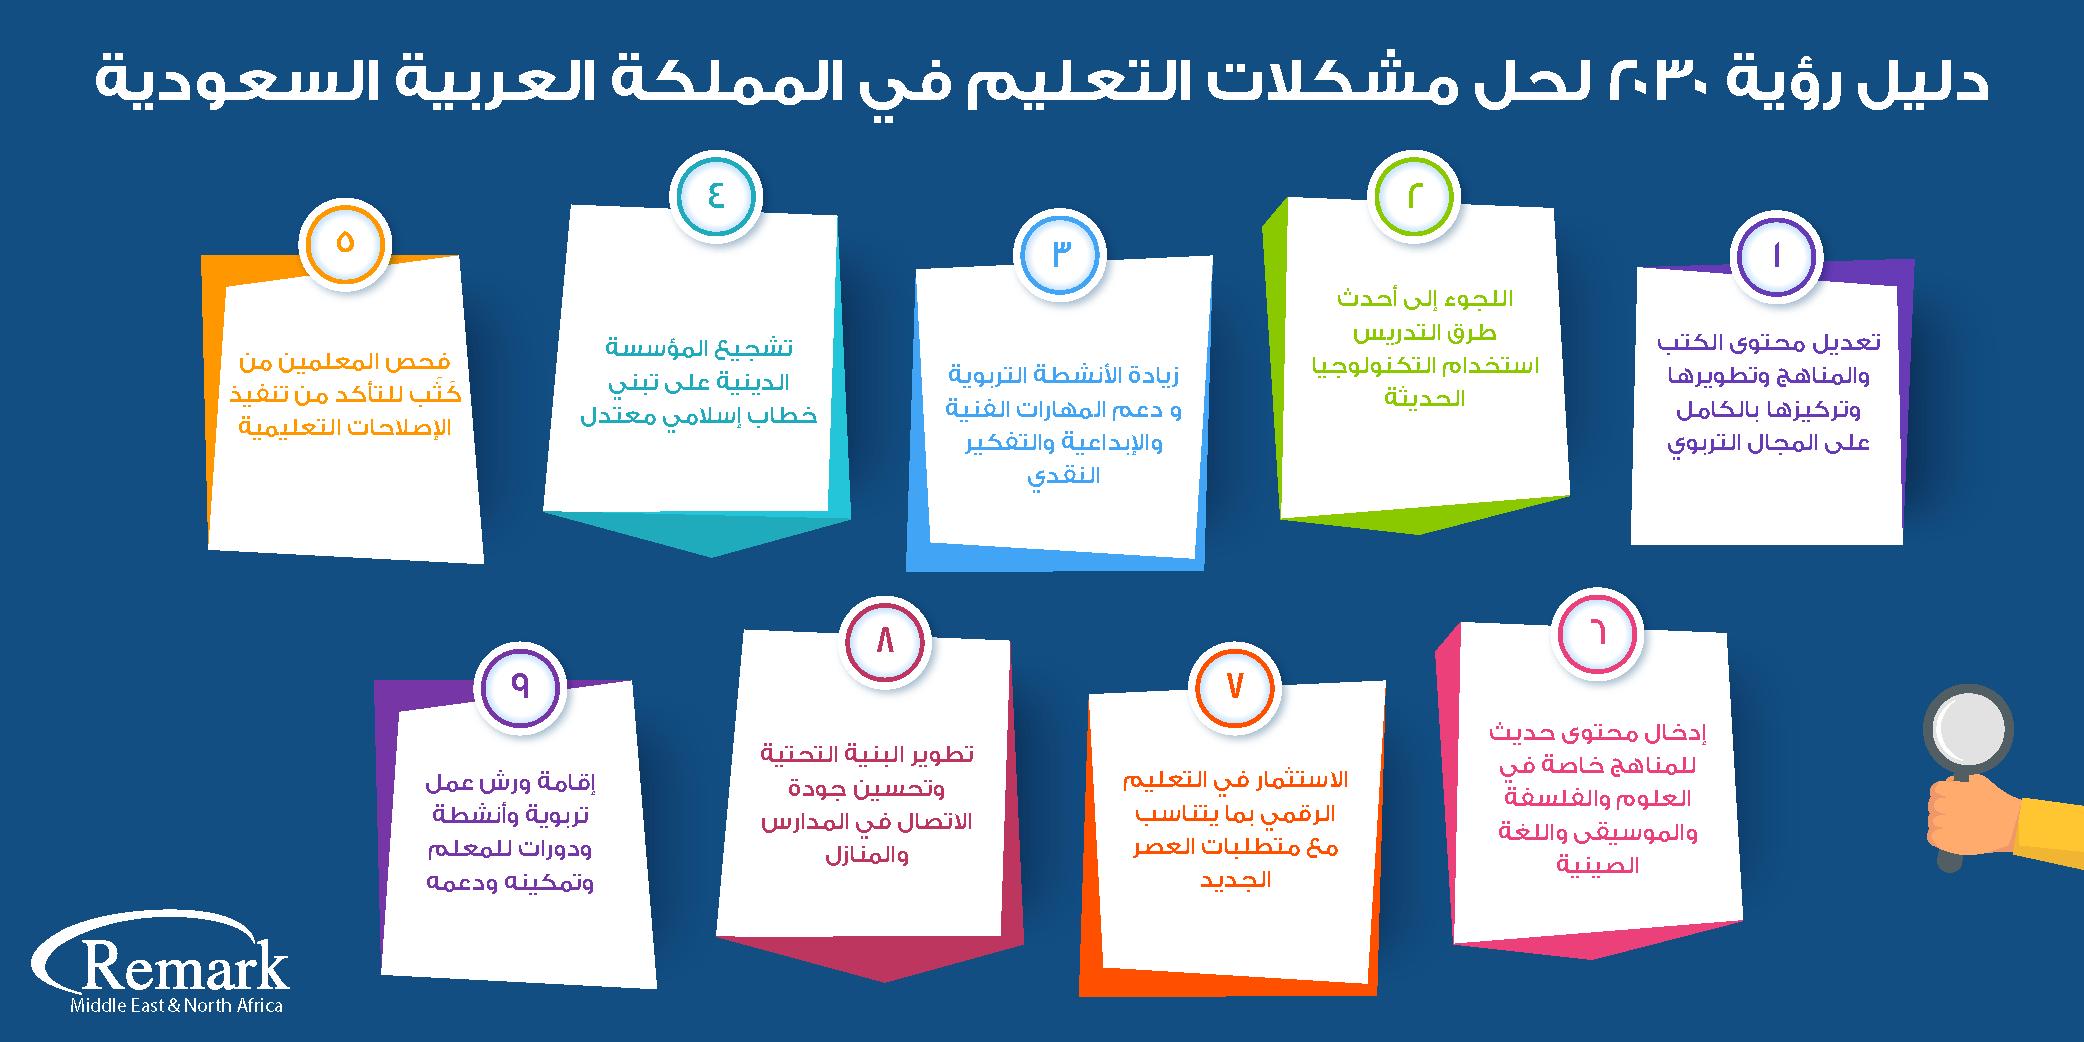 رؤية 2030 لحل مشكلات التعليم في المملكة العربية السعودية